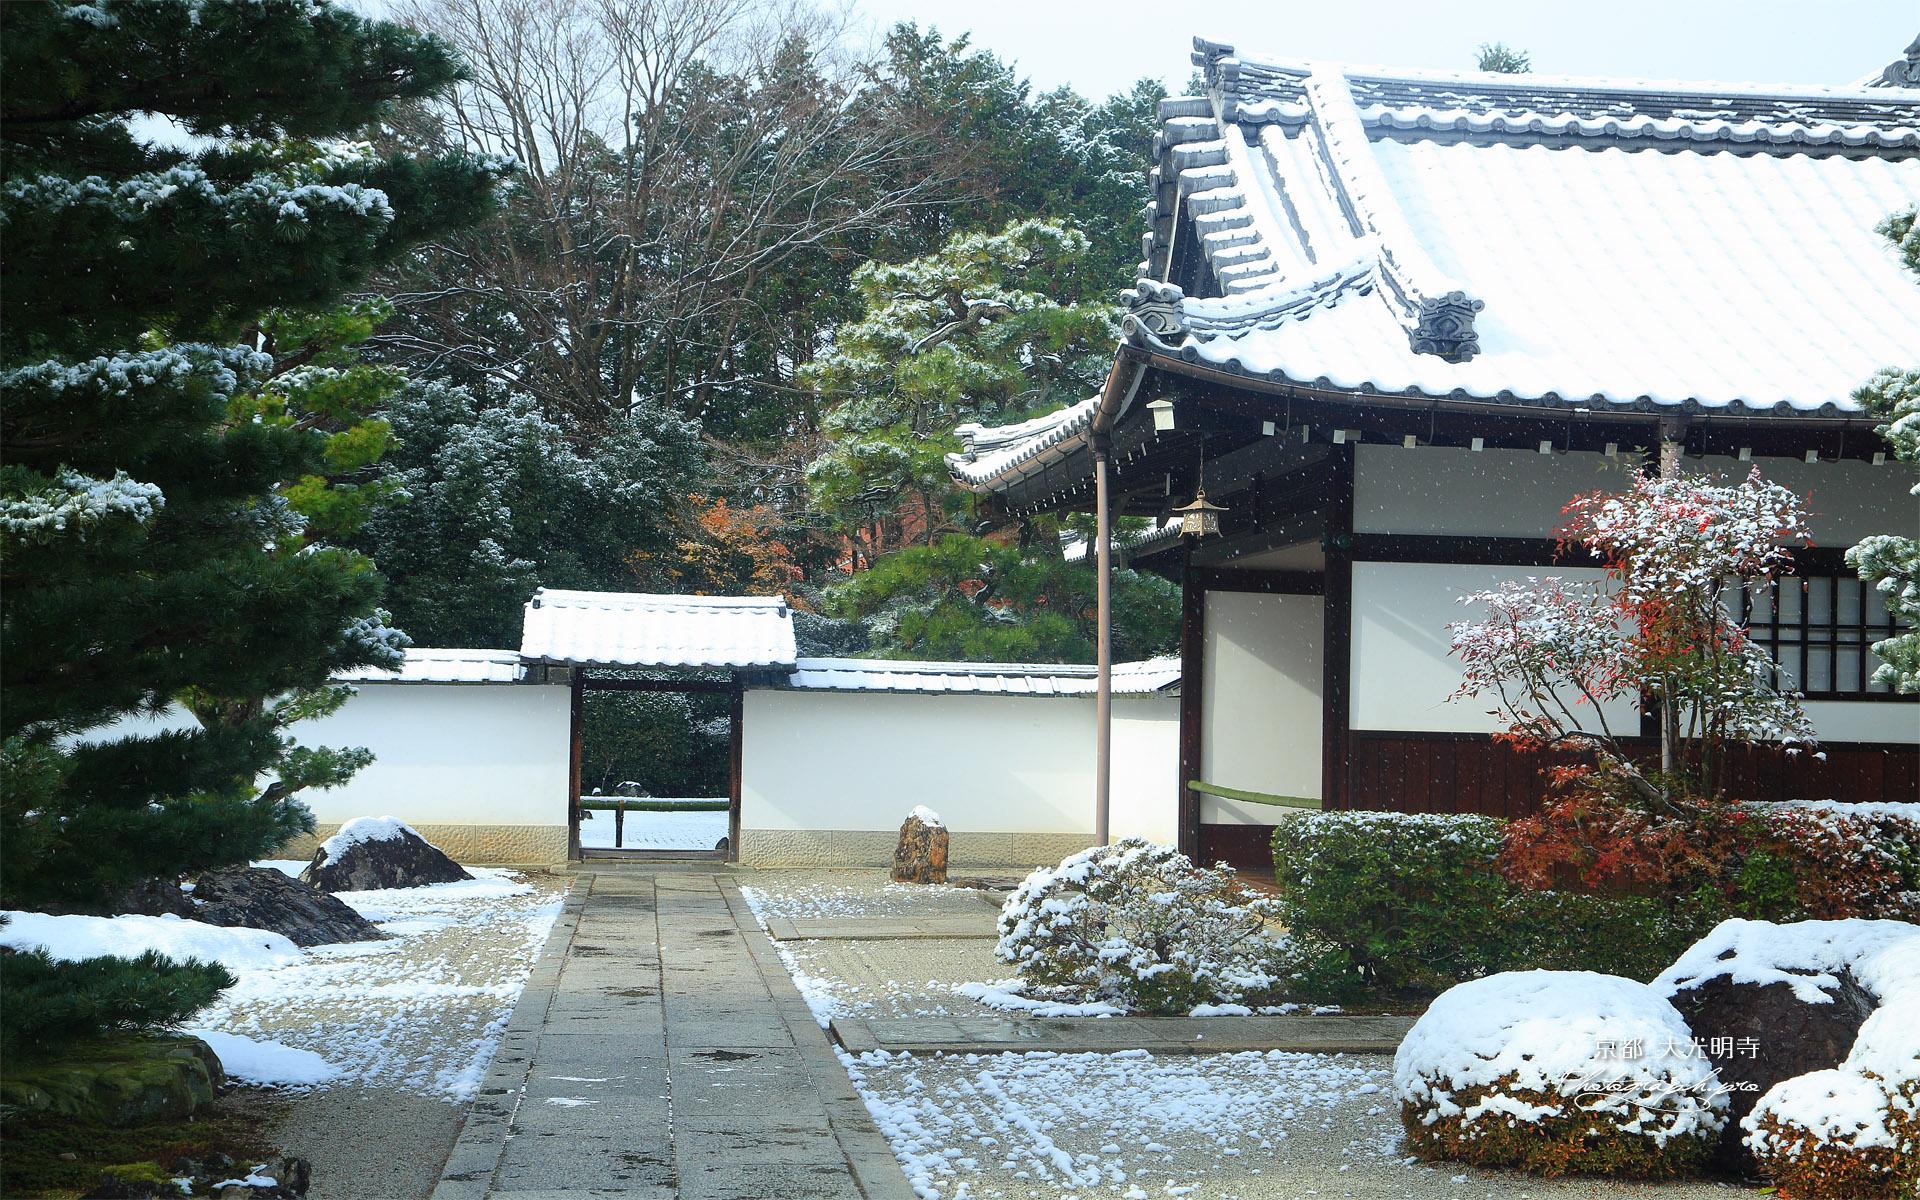 大光明寺 沫雪の峨眉山の庭